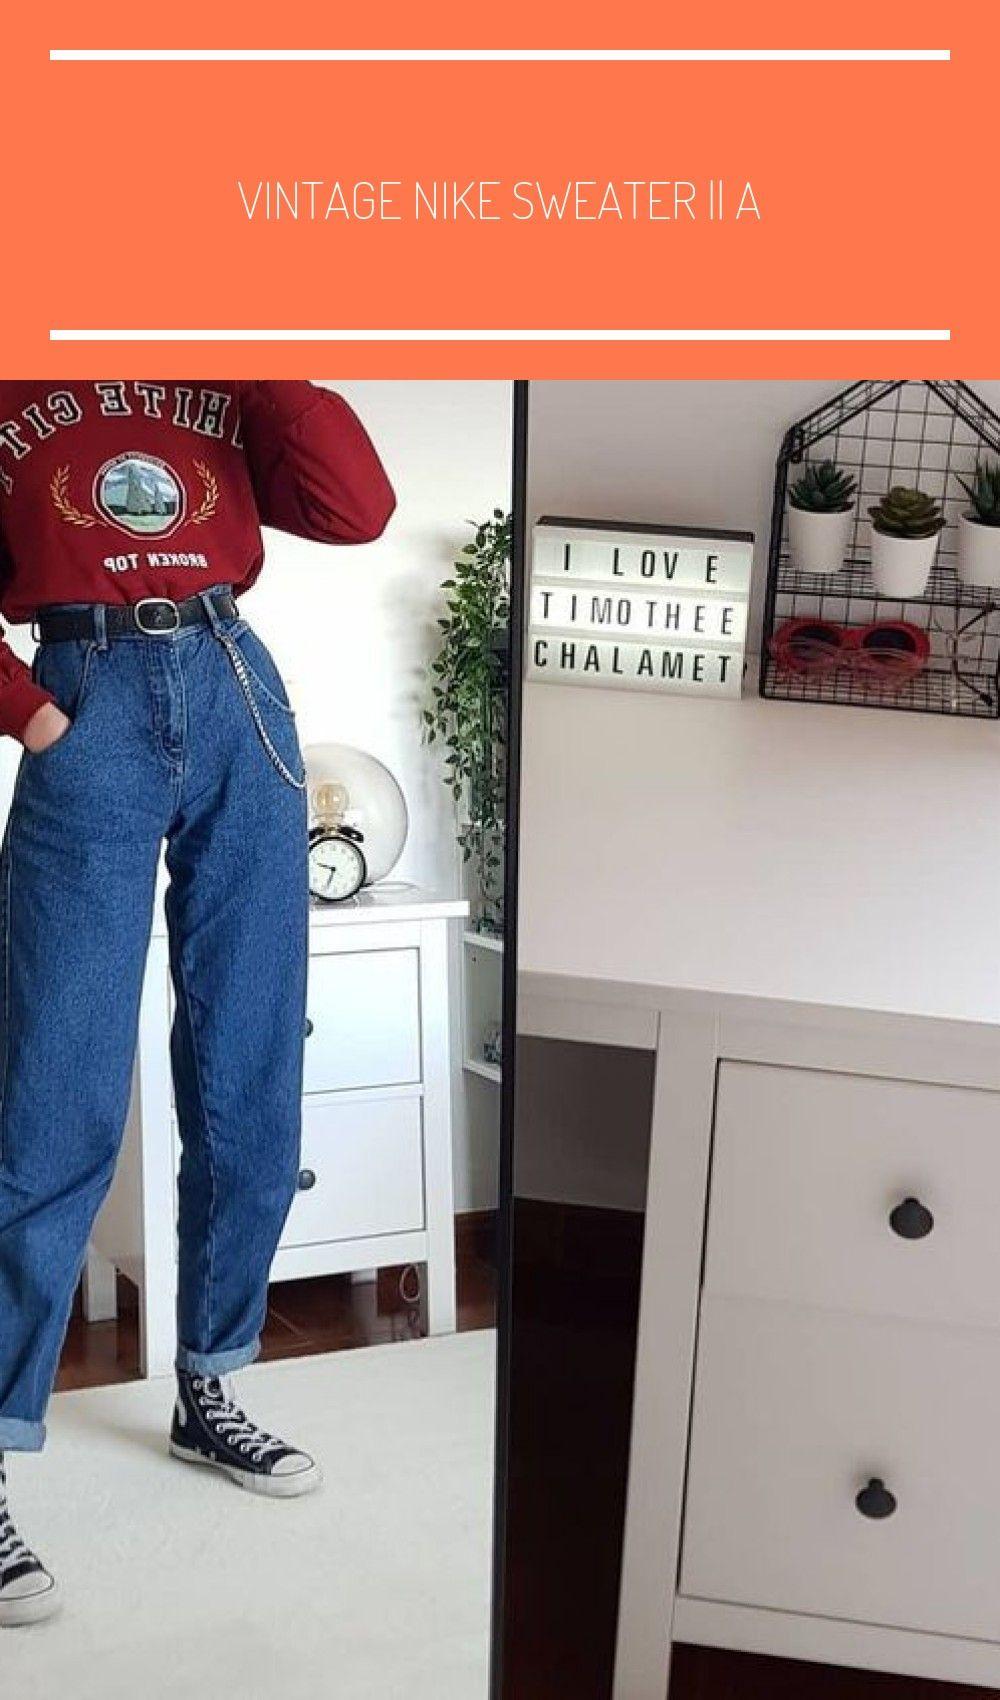 Vintage Nike Sweater  Alter 1213 passt aber 610  folge meiner insta für freies Porto und tag  pullover ideas Vintage Nike Sweater  Alter 1213 passt aber 610  folge m...